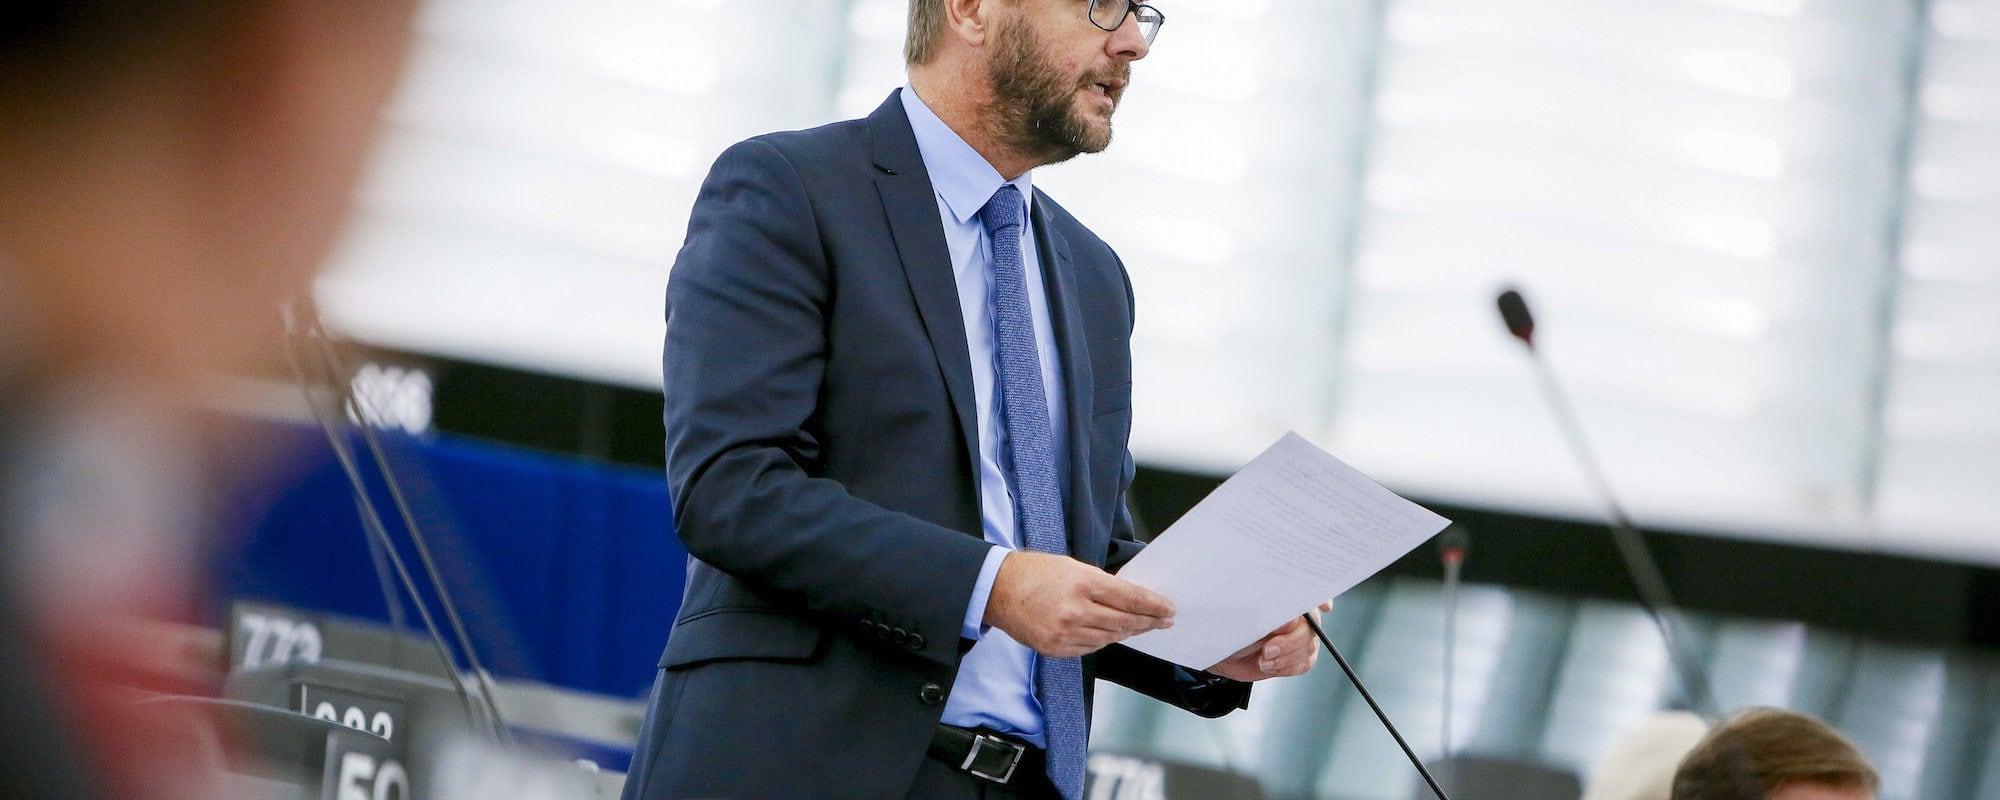 Jérôme Lavrilleux, député européen : «Je ne suis pas une crapule»